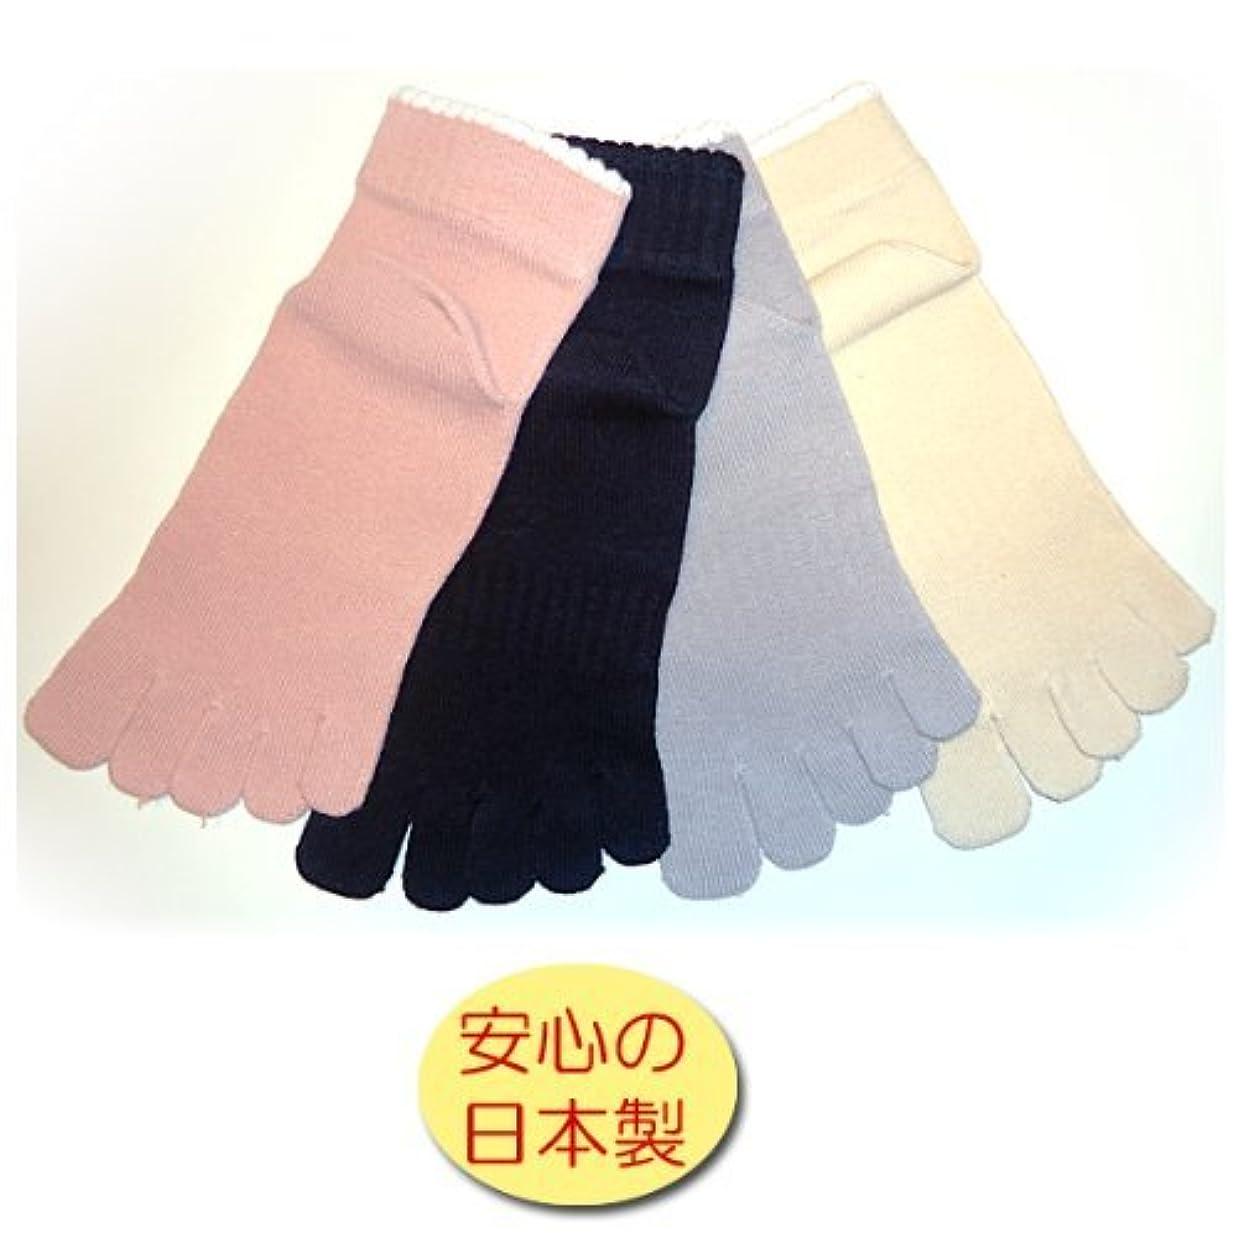 環境アクティビティ聖域日本製 5本指ソックス ショートソックス【21~25cm】 足に優しい表糸綿100%  お買得4足組